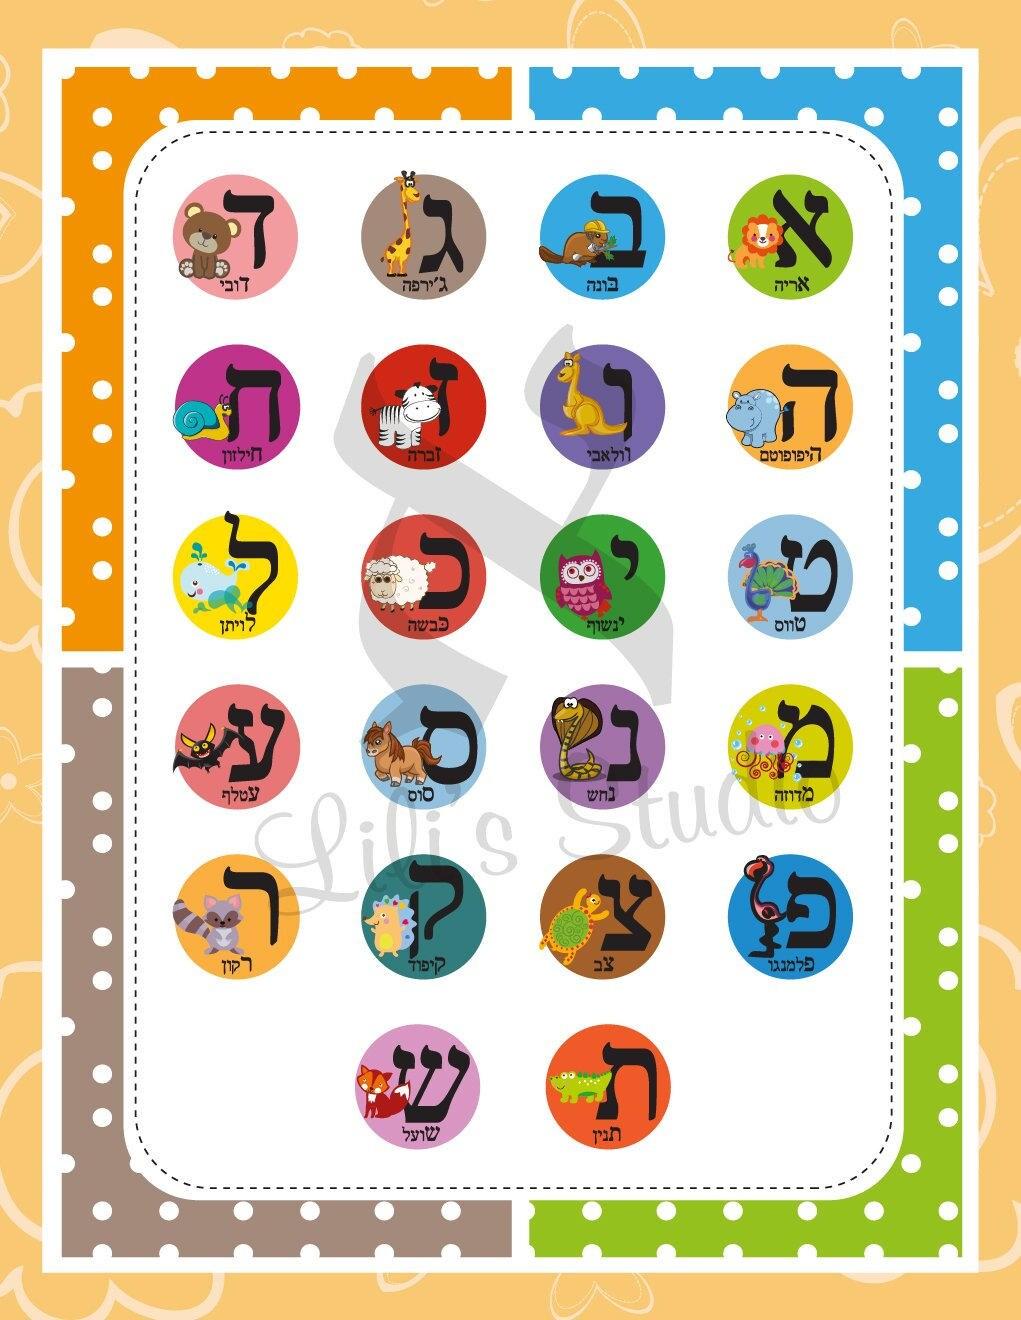 Letras Del Alfabeto Hebreo Animal Cartel Alef Bet Animales Abc # Muebles En Hebreo